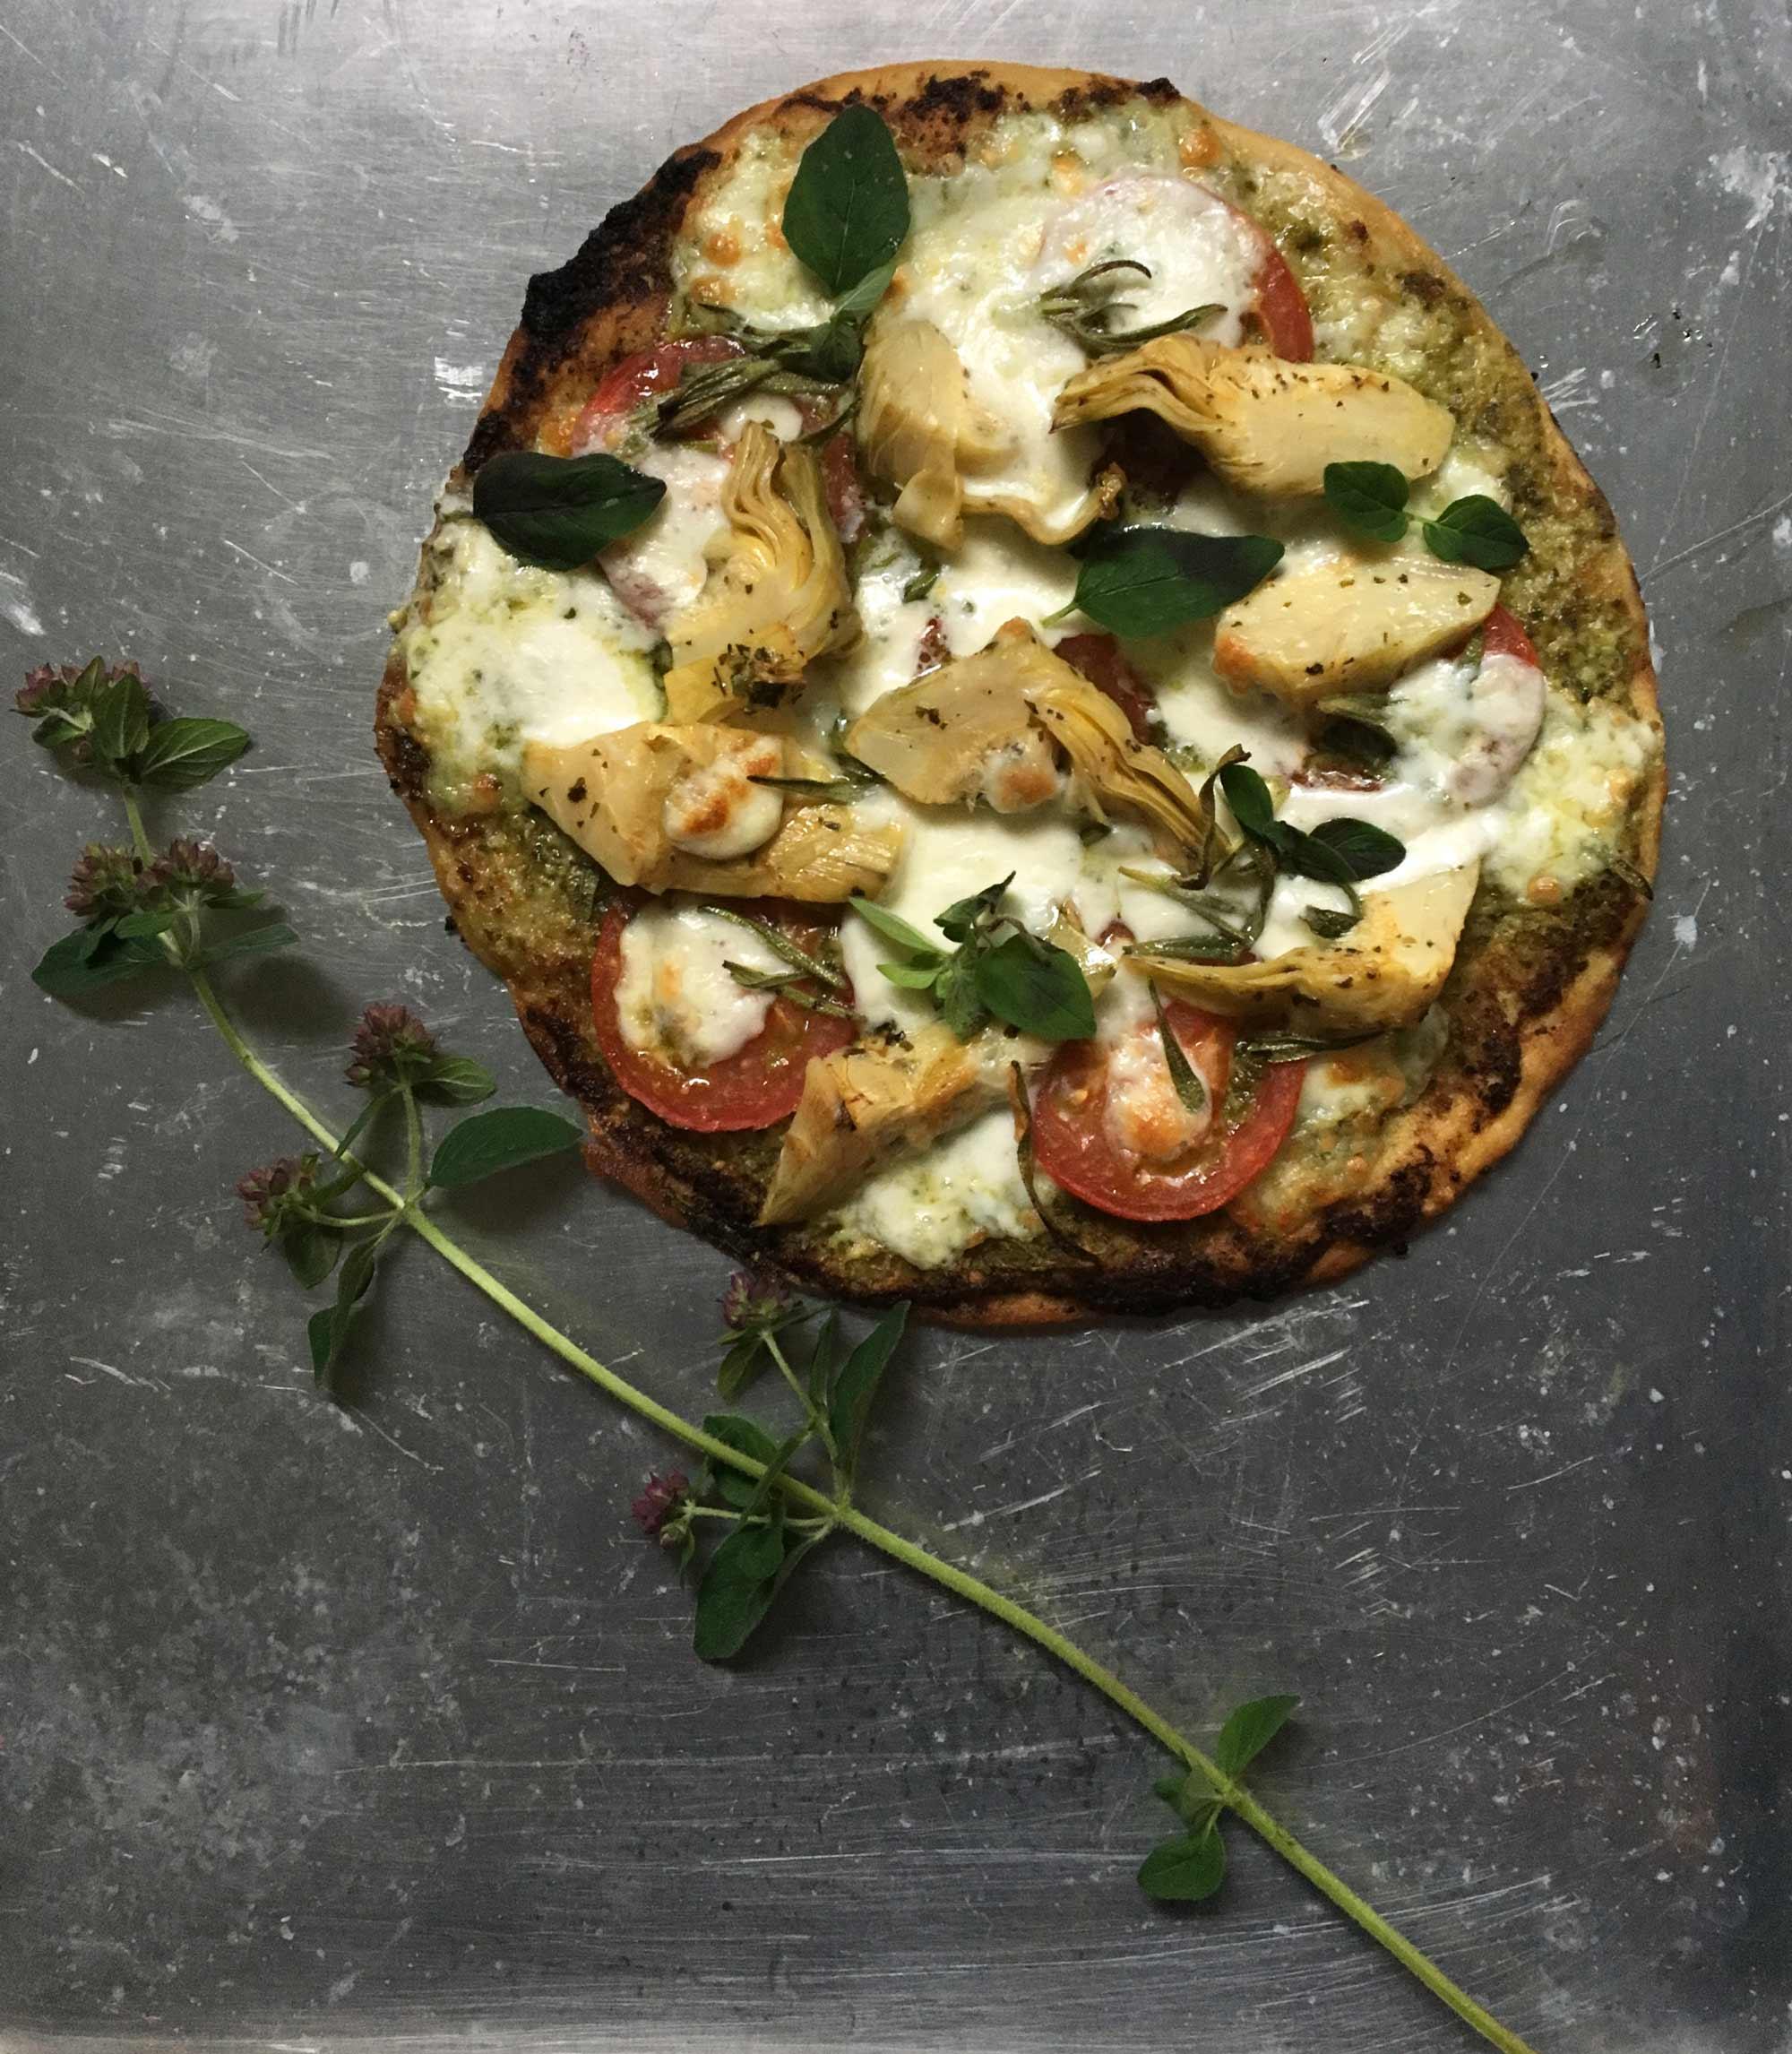 Hemgjord vegopiza med pesto, tomater, kronärtskockshjärtan, mozzarella och oregano.